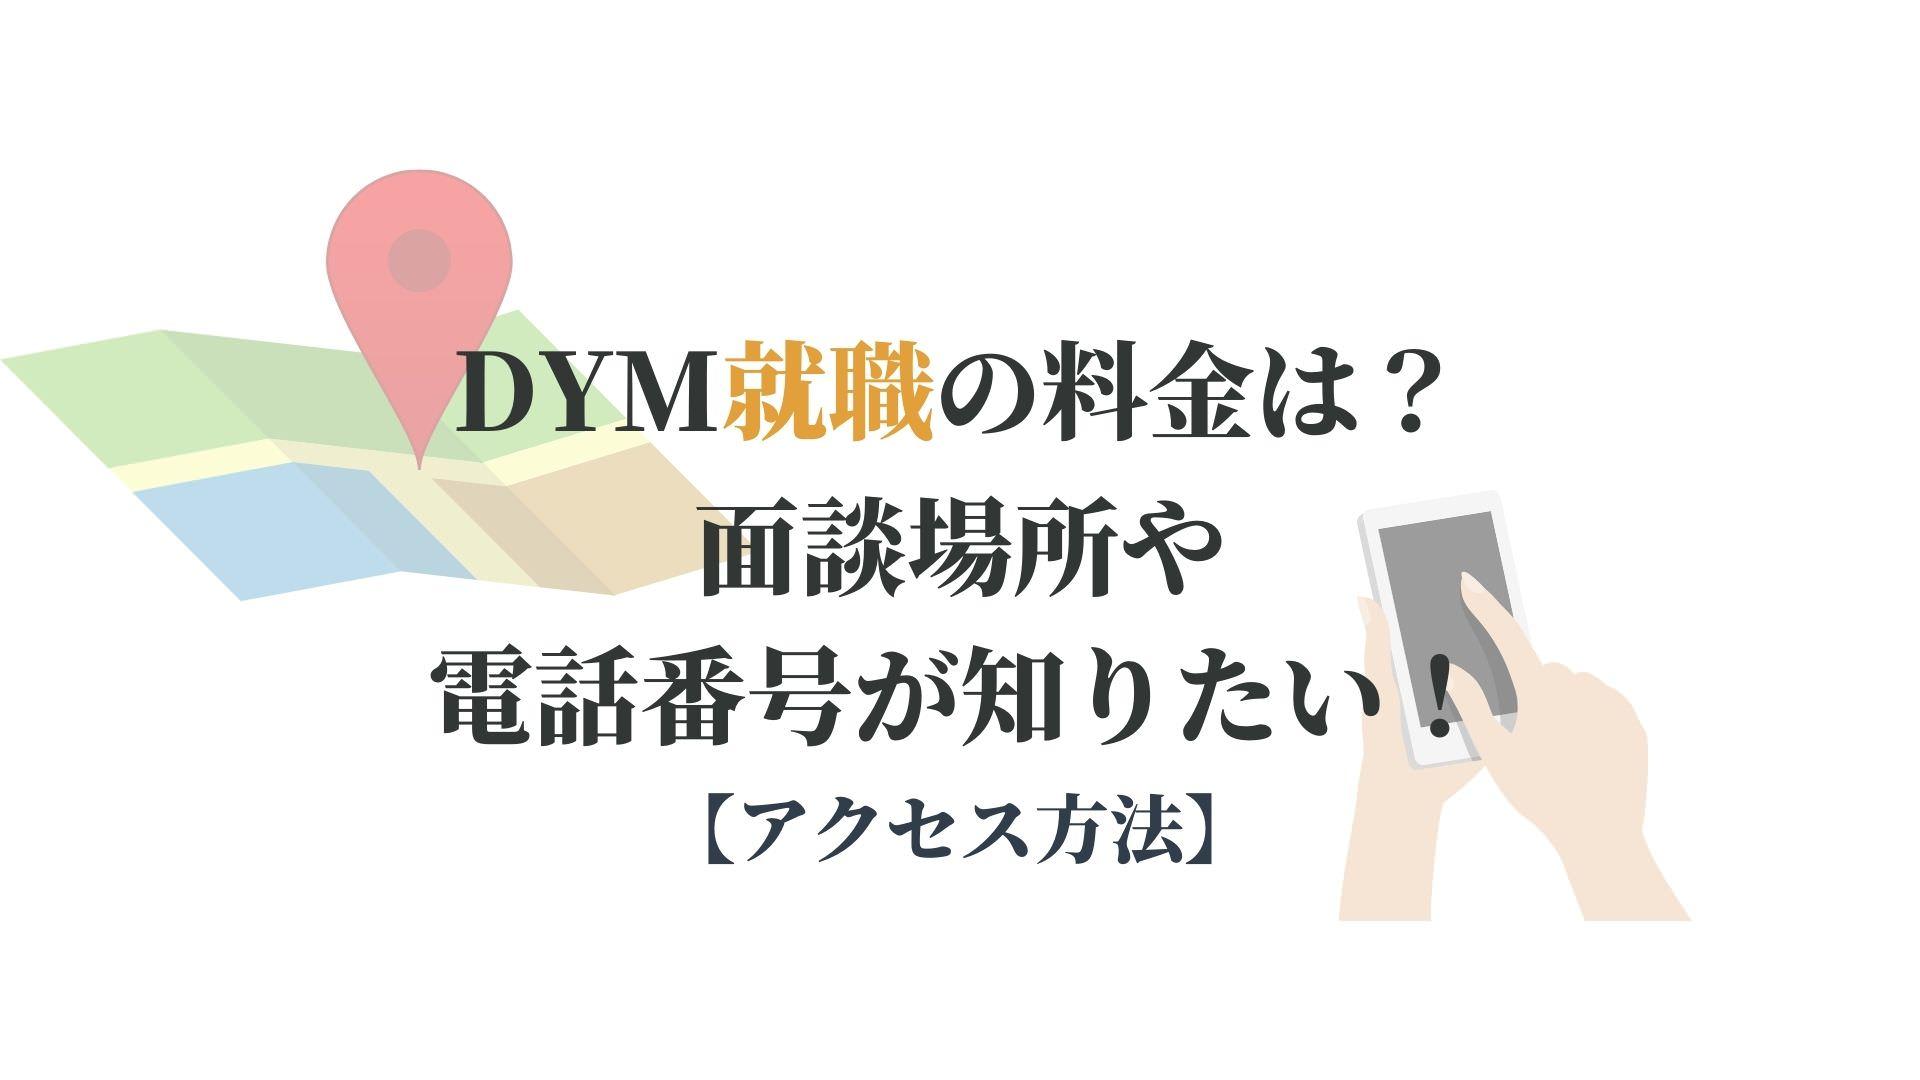 DYM就職の料金は?面談場所や電話番号が知りたい!【アクセス方法】